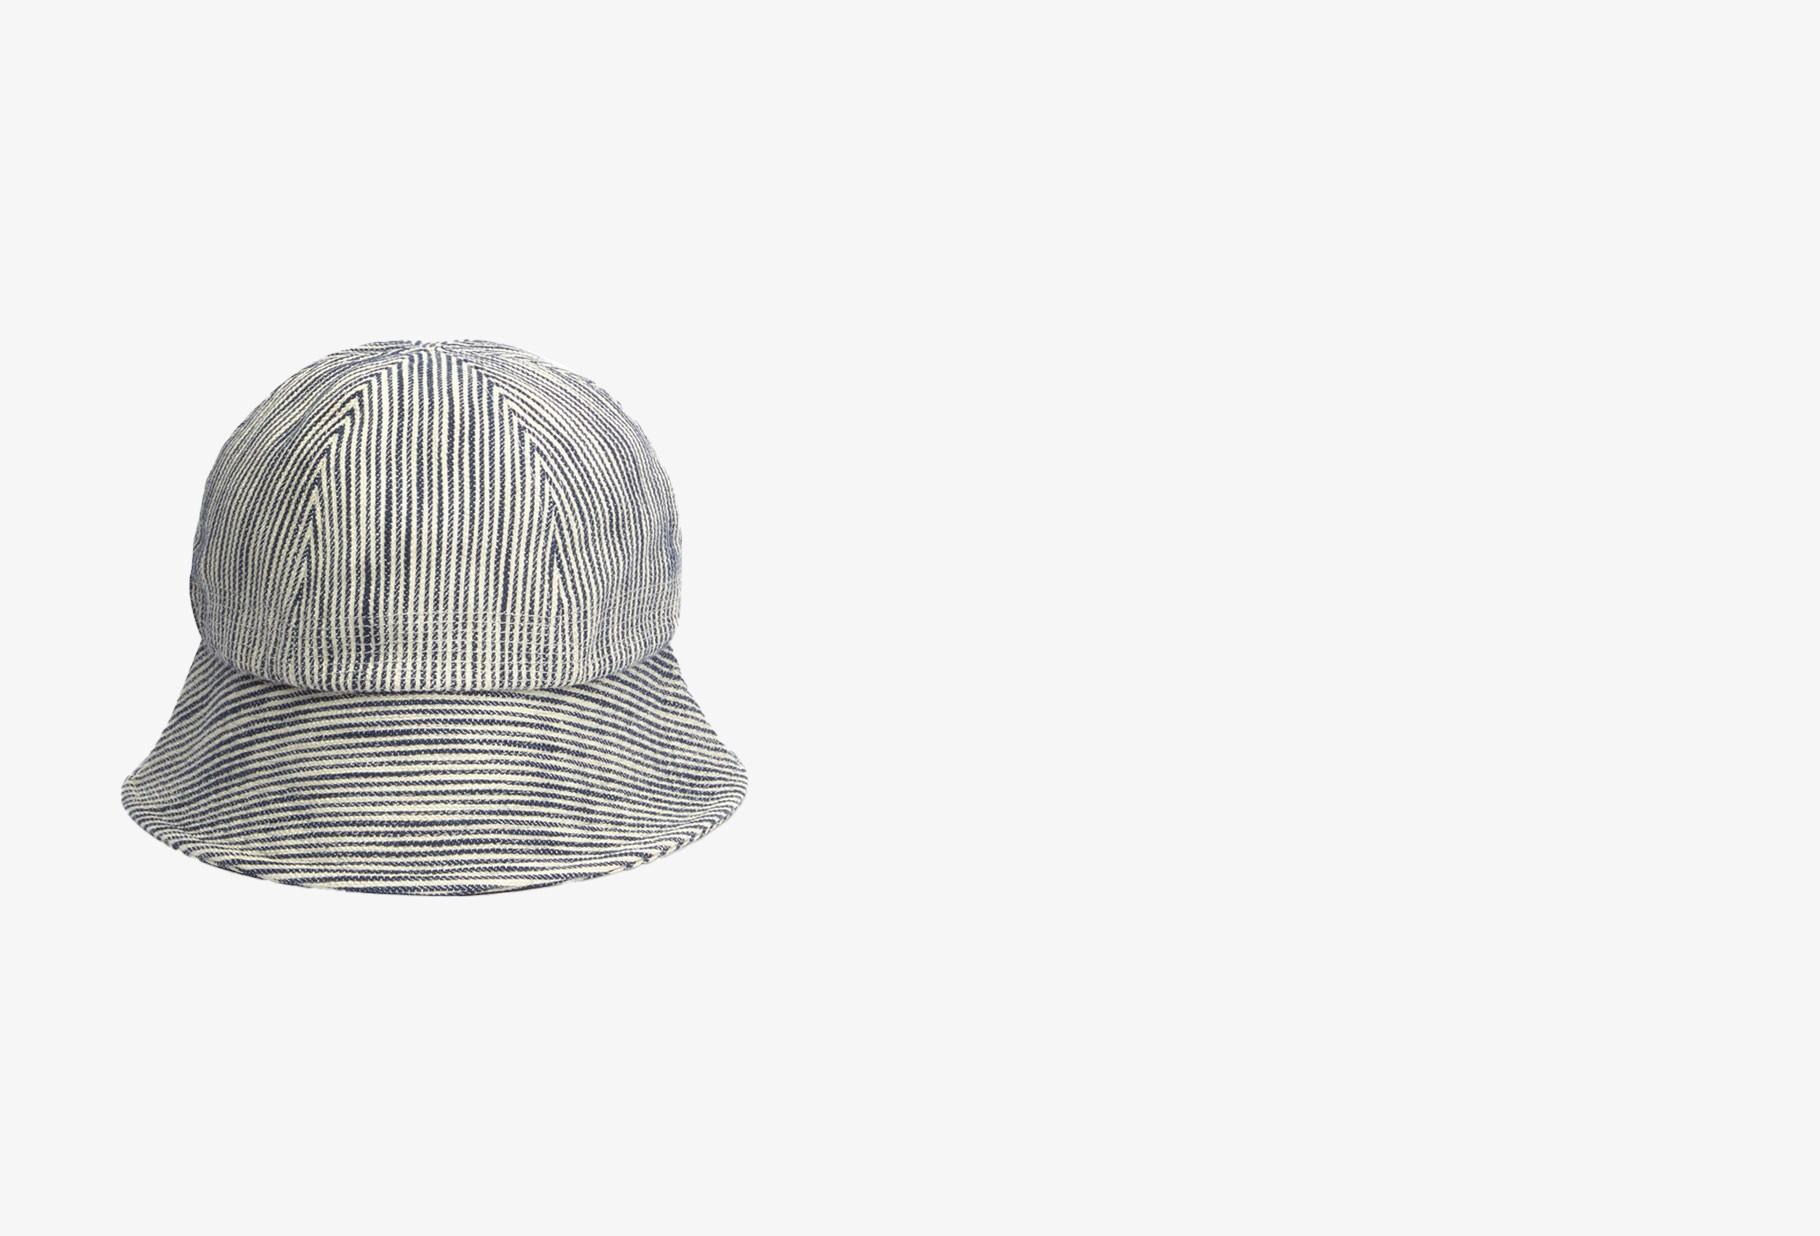 YMC / Gilligan hickory stripe hat Navy